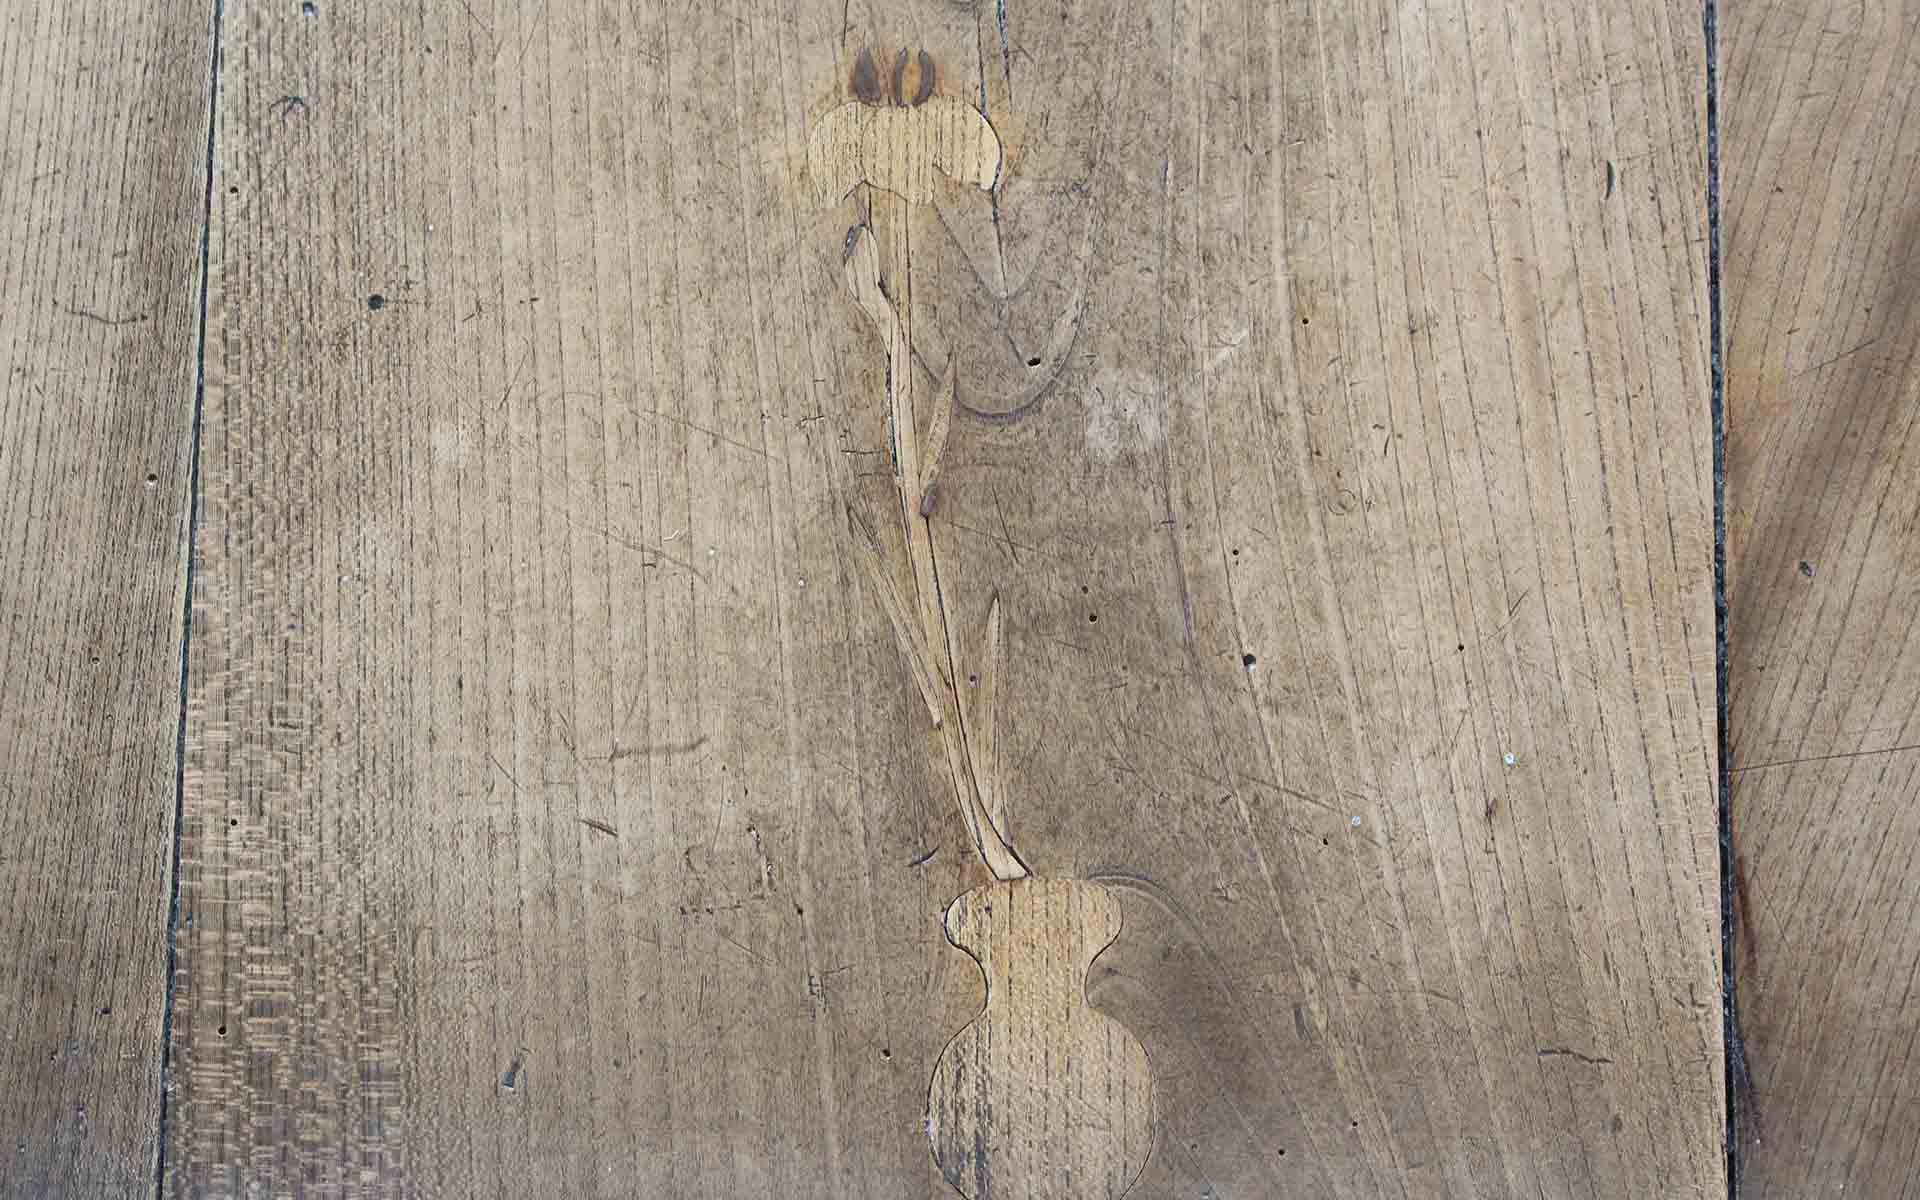 雲蝶作:埋め木細工「アヤメ」。西福寺本堂の大廊下には雲蝶作の埋め木細工が多く残されている。埋め木とは、板の割れ目や節穴に木片を入れて繕うもの。雲蝶の優しさ溢れる心遣いが感じられる